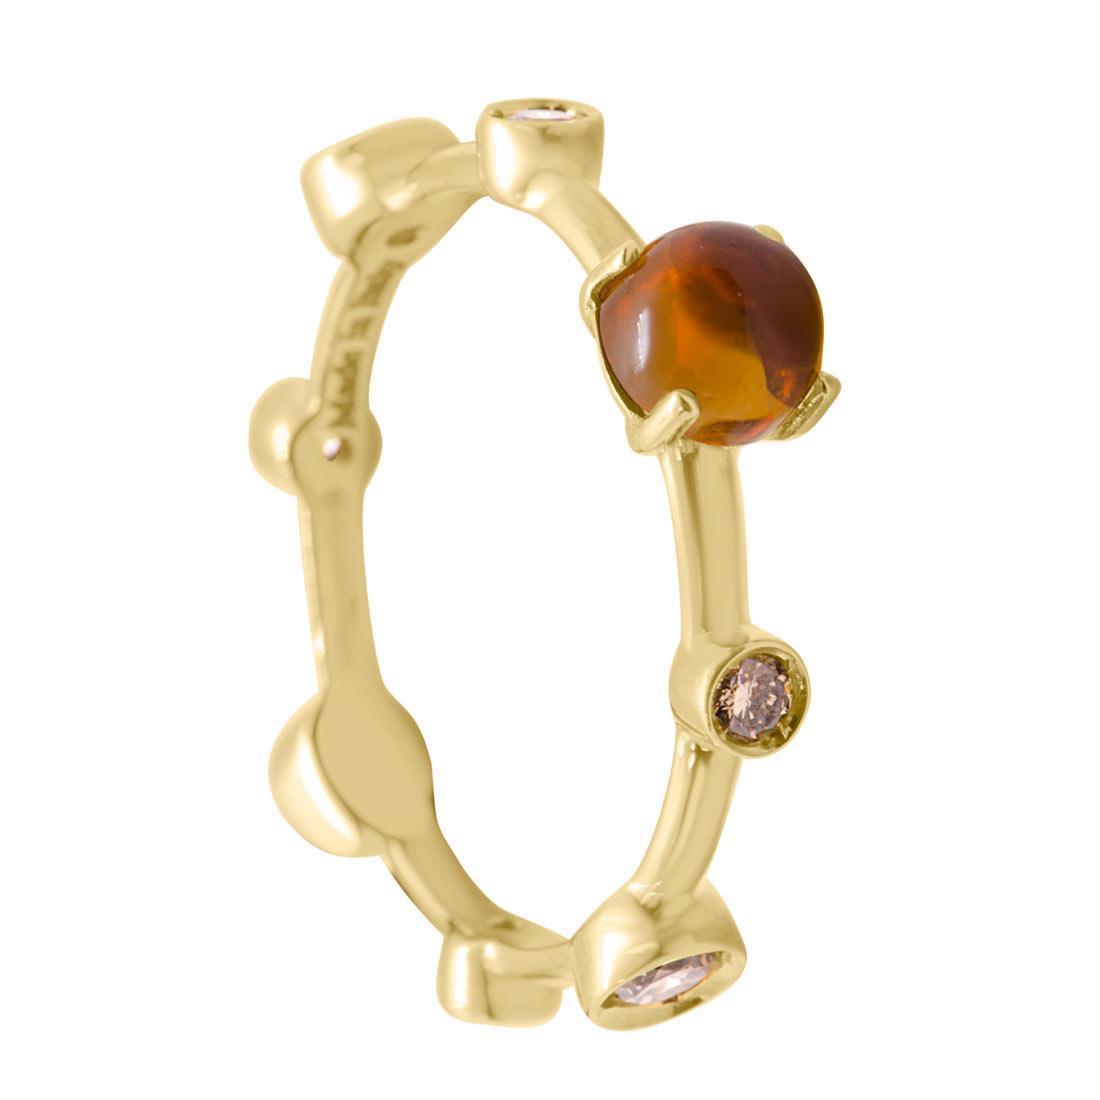 Anello Damiani in oro giallo con pietra semi preziosa e diamanti mis 15 - DAMIANI